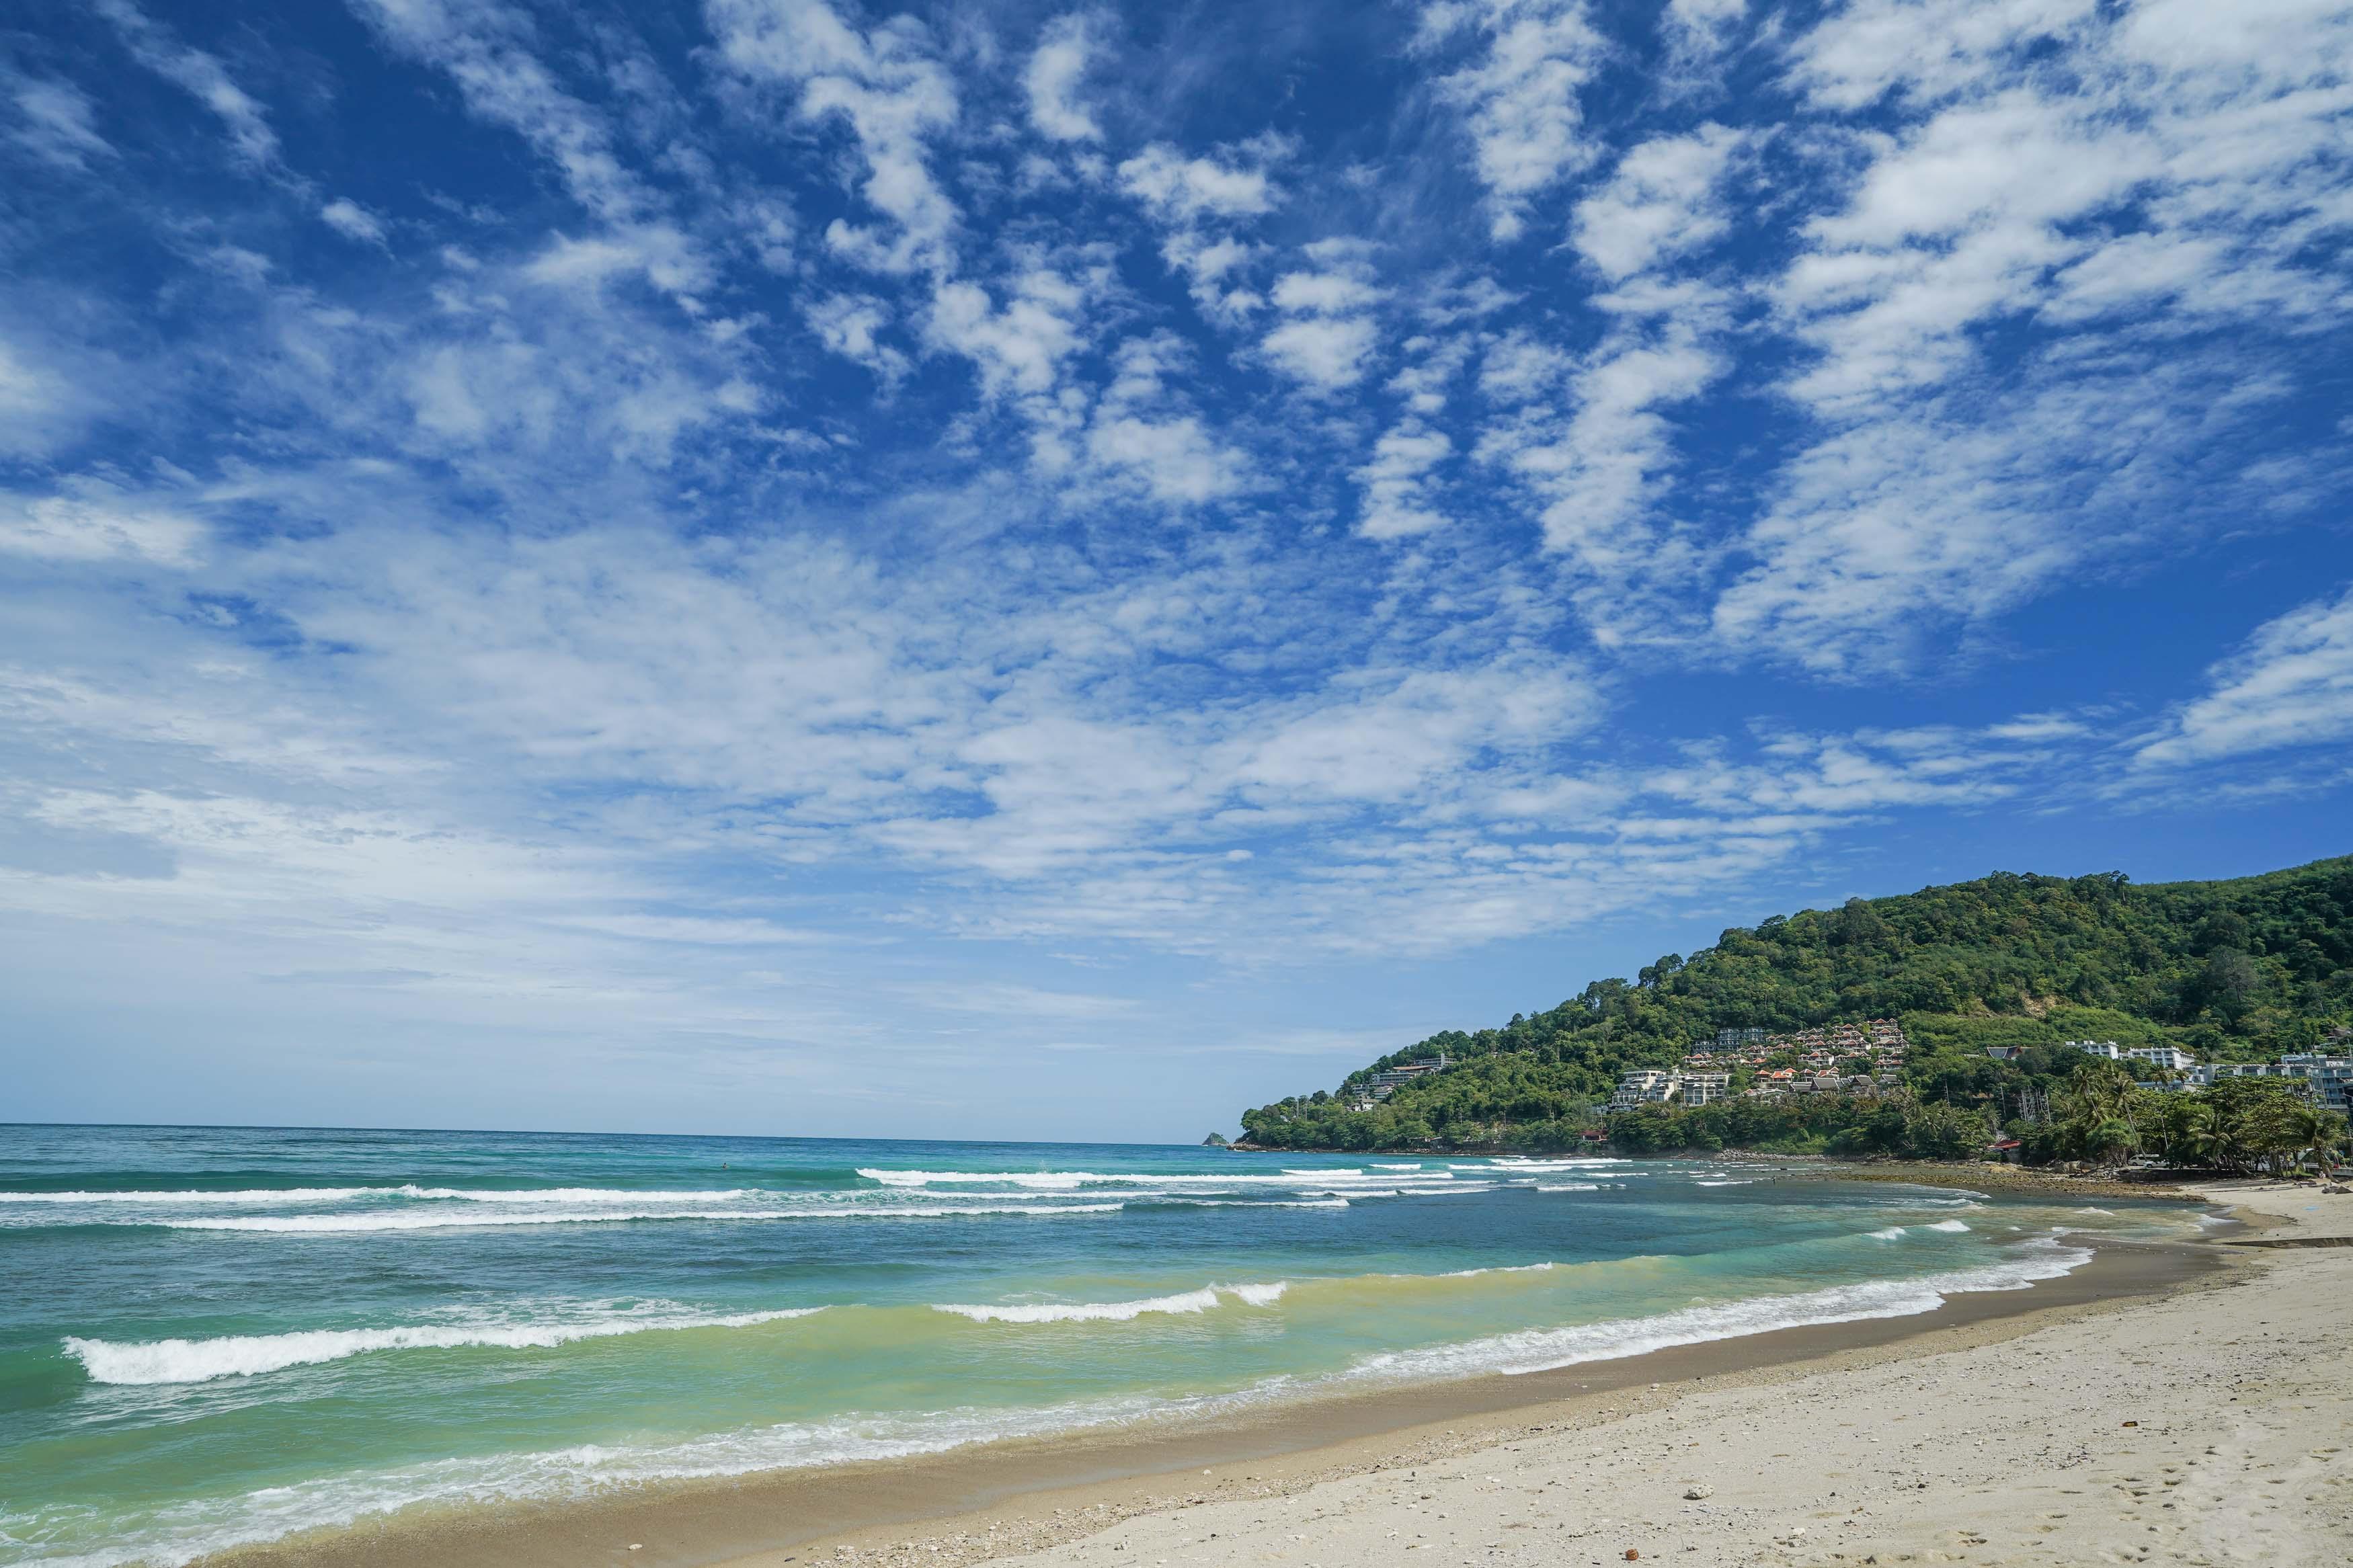 Туристический бизнес в Таиланде вернется к норме не раньше 2022 года